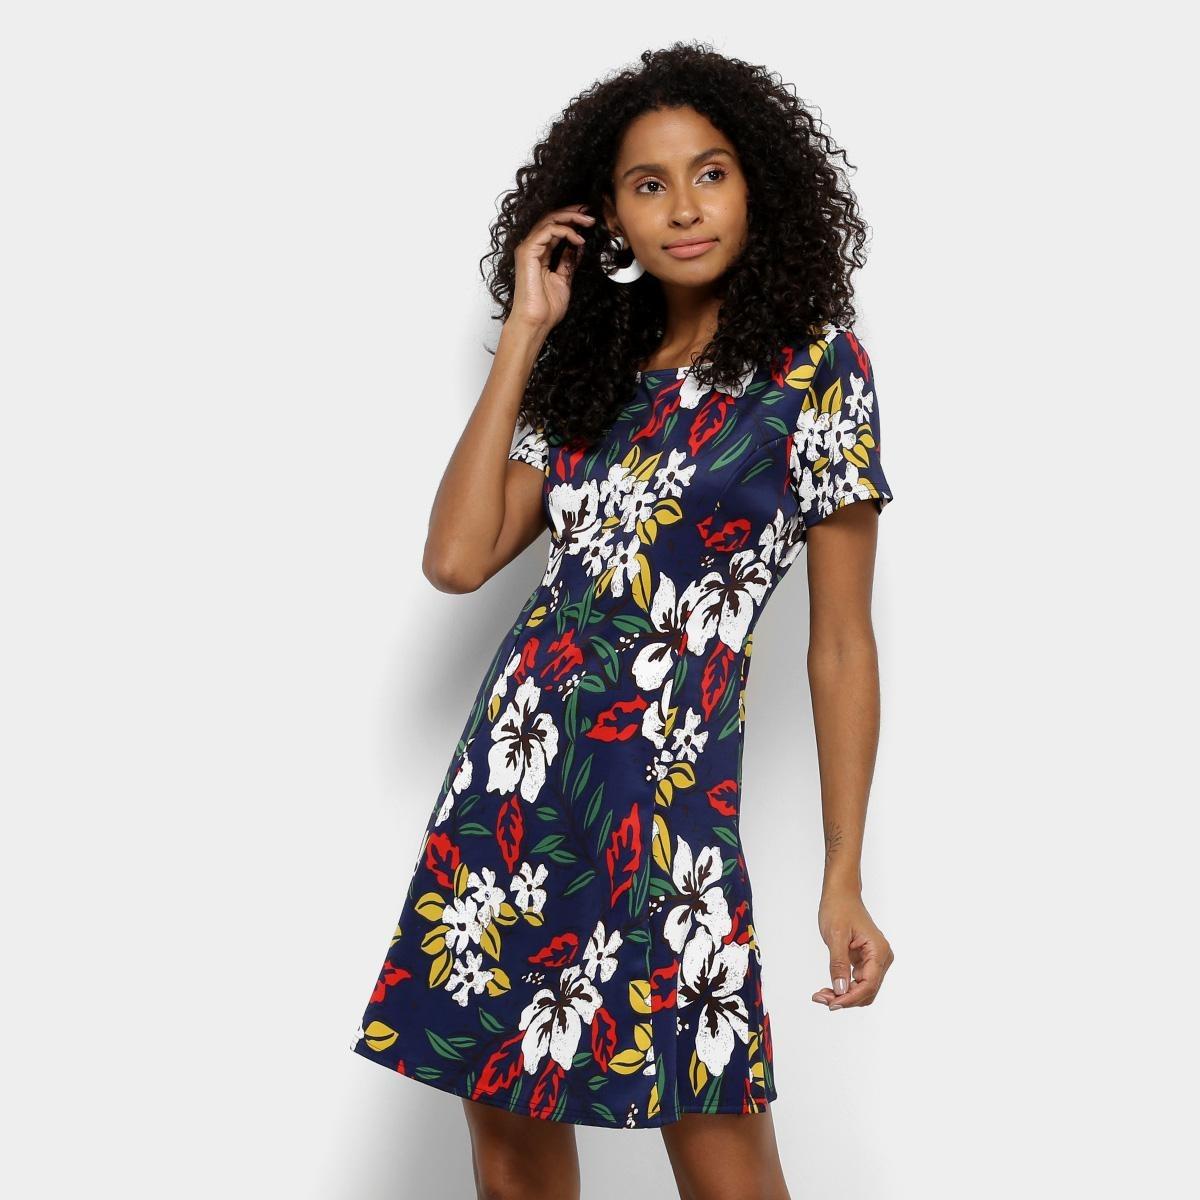 cb8a1d68a vestido top moda evasê curto floral - cor azul. Carregando zoom.